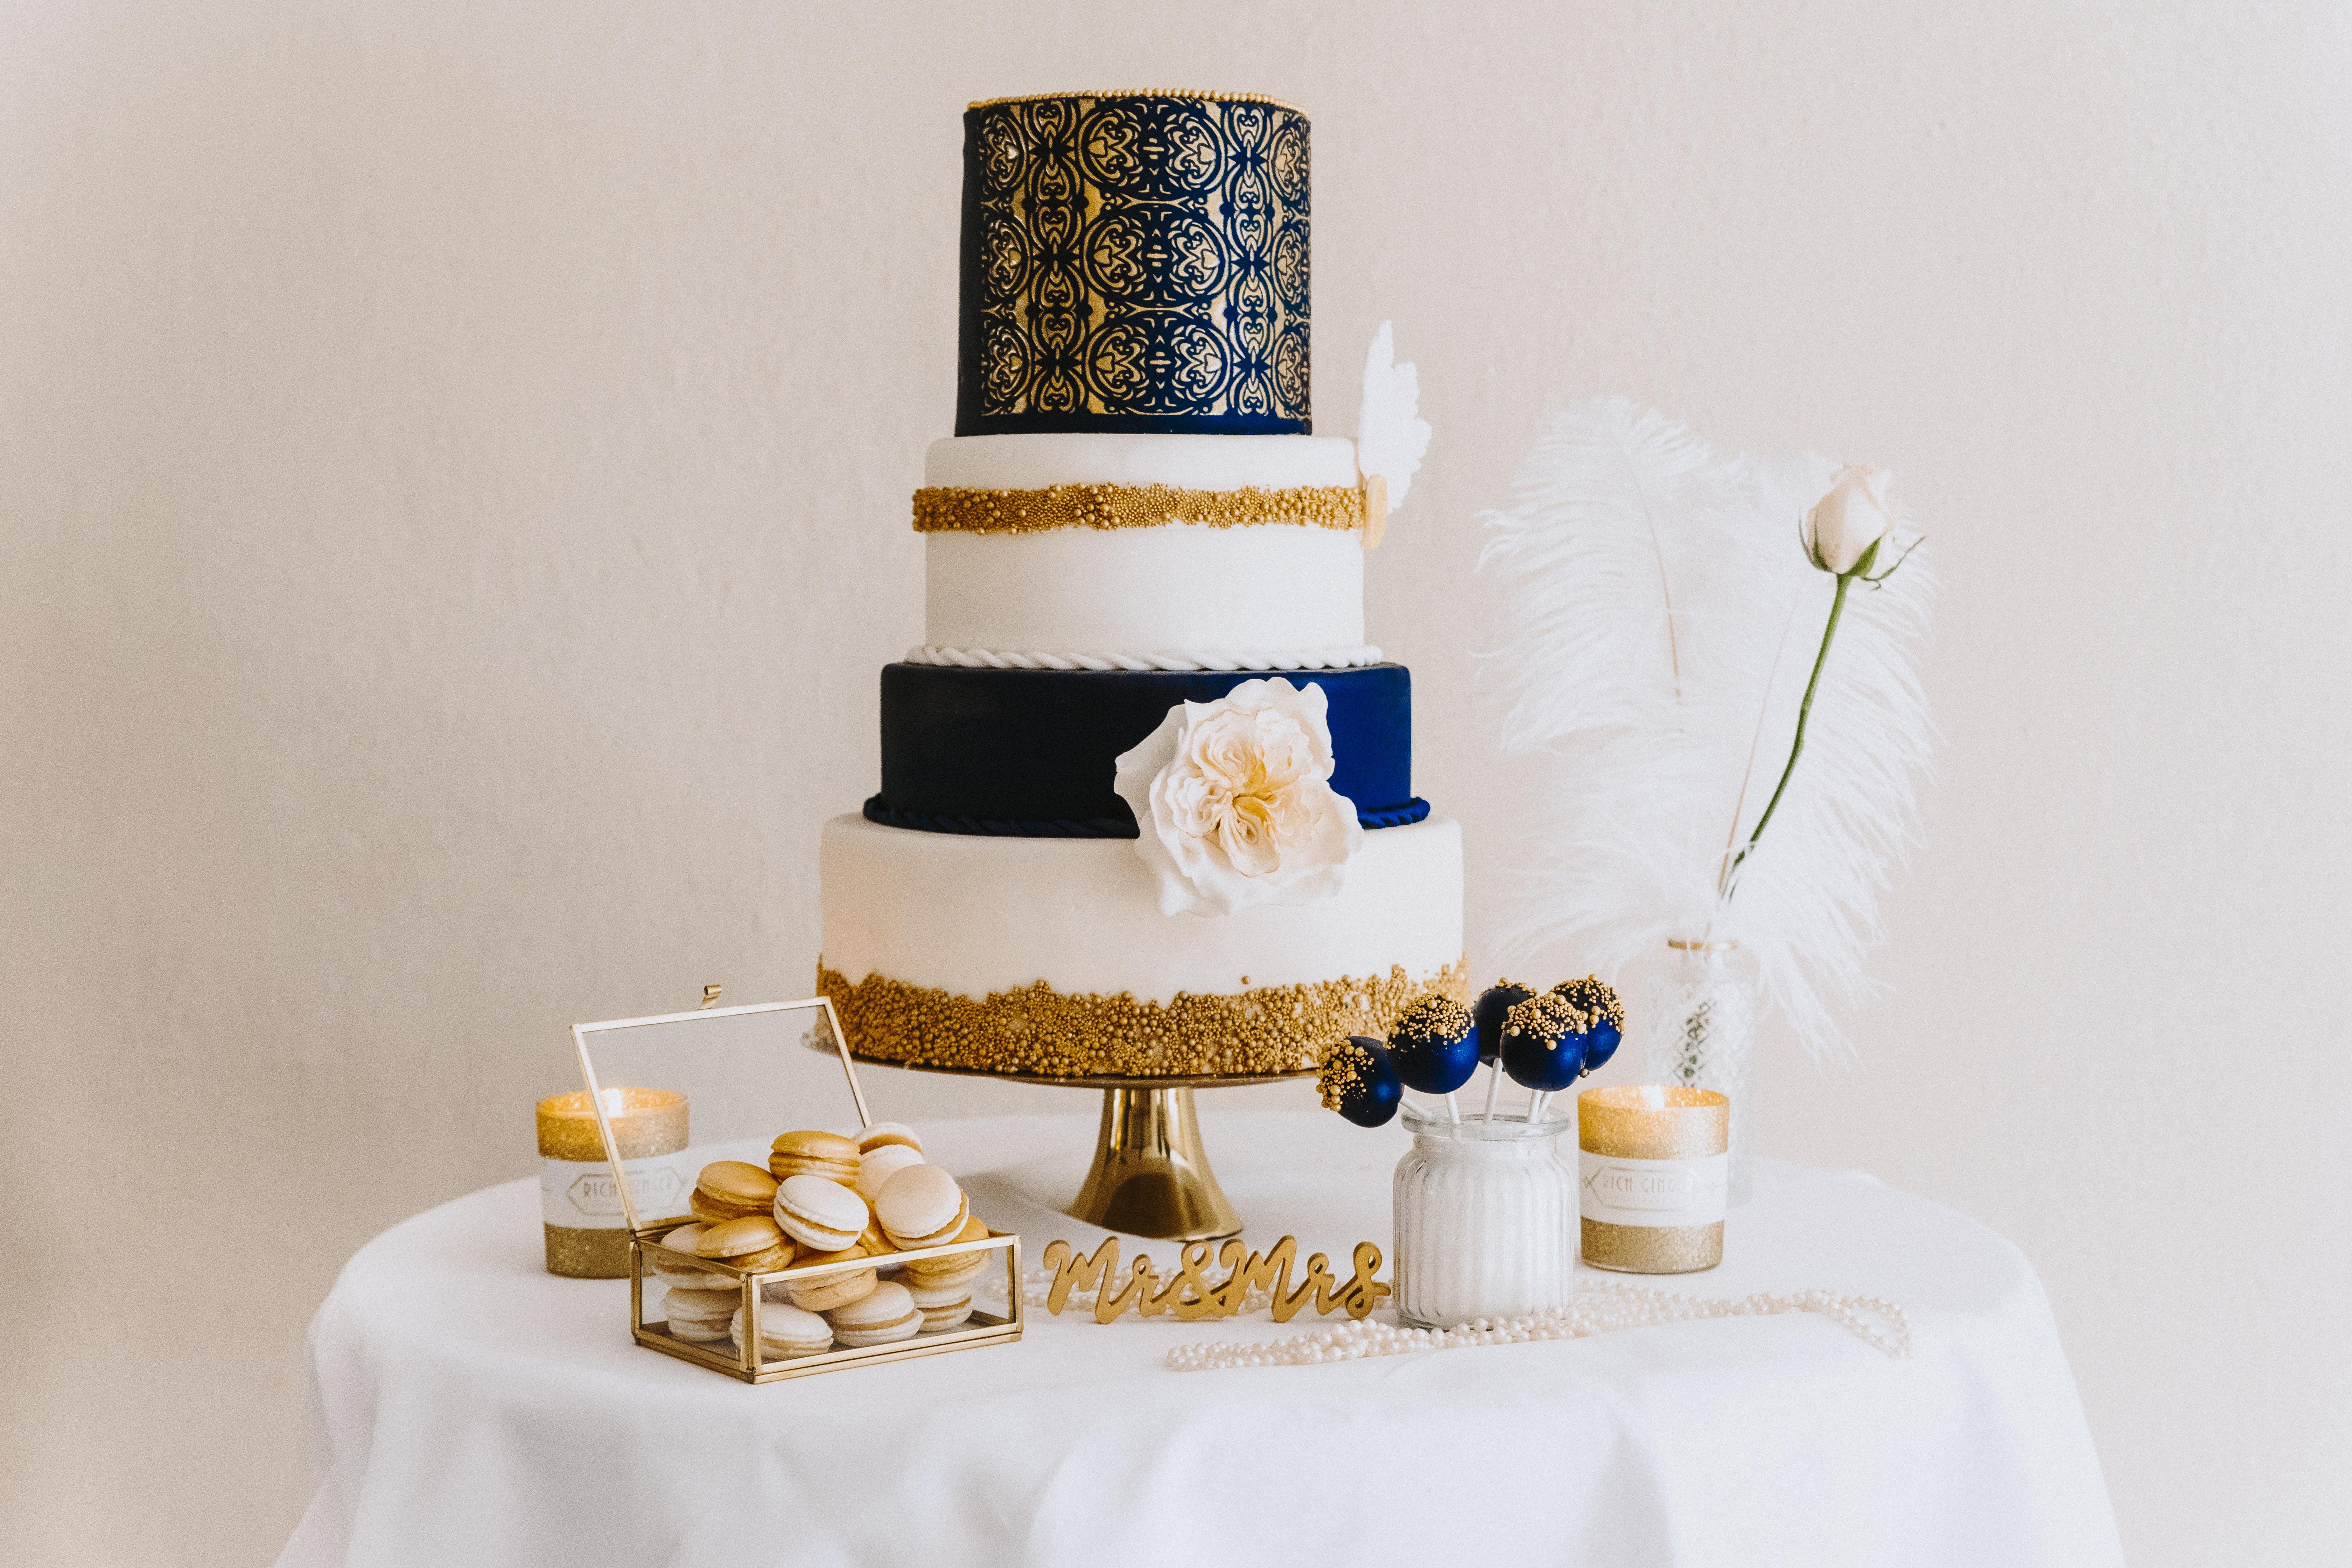 Styled Wedding Shoot © Maren van Meer Photodesign 2019 (40)